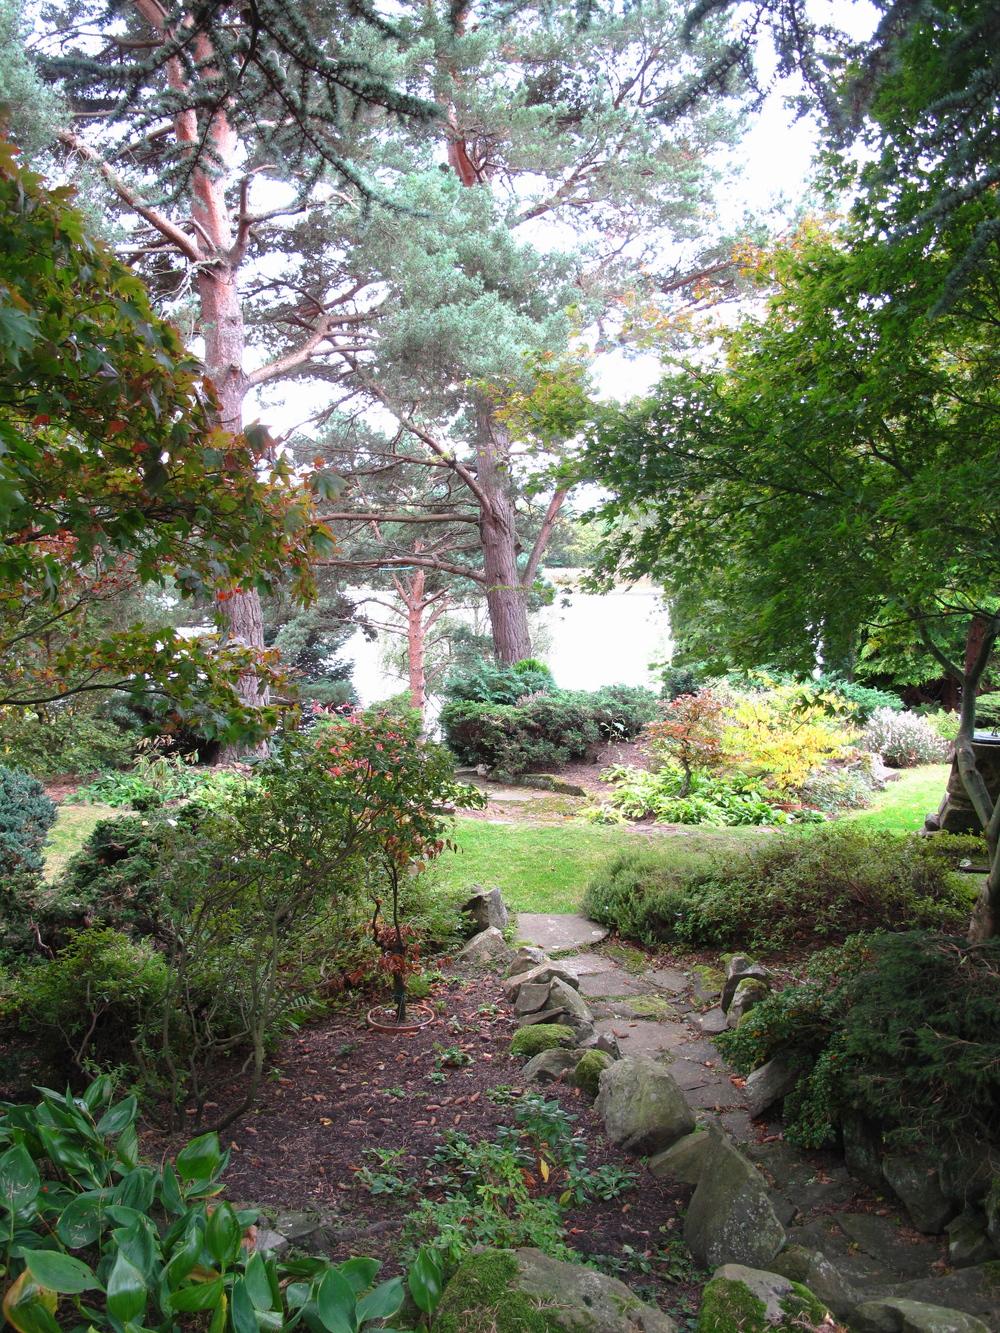 Dr. Neil's Garden - pathways in a secret garden, Edinburgh.